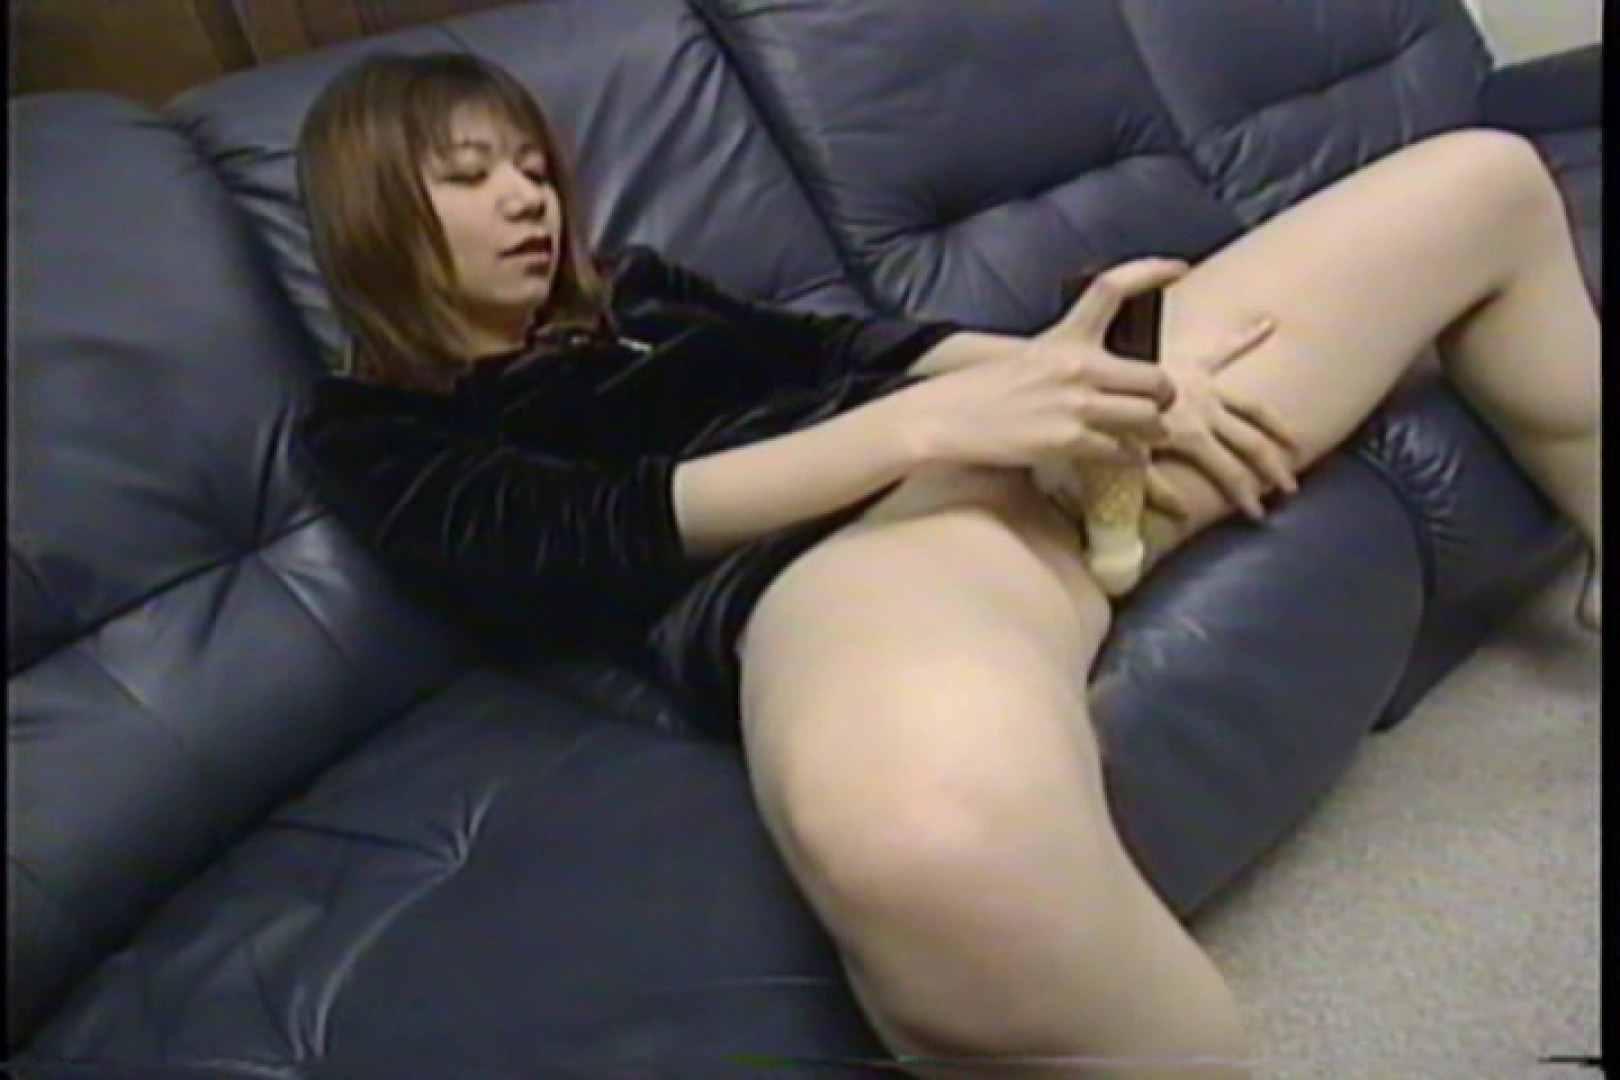 かわいい人妻、巨乳が疼いて止まらない~飯島れいか~ バイブプレイ | 人妻のエッチ  106pic 56